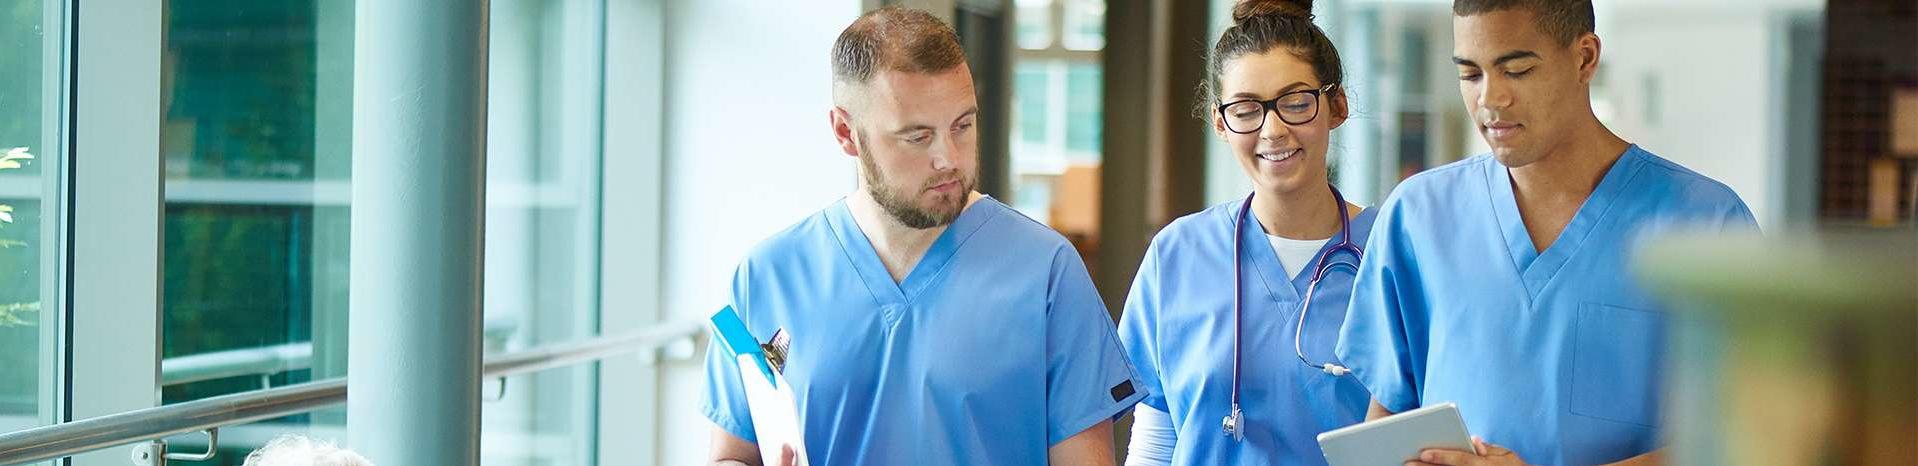 Trois professionnels de la santé marchant dans un bâtiment médical et regardant une tablette.